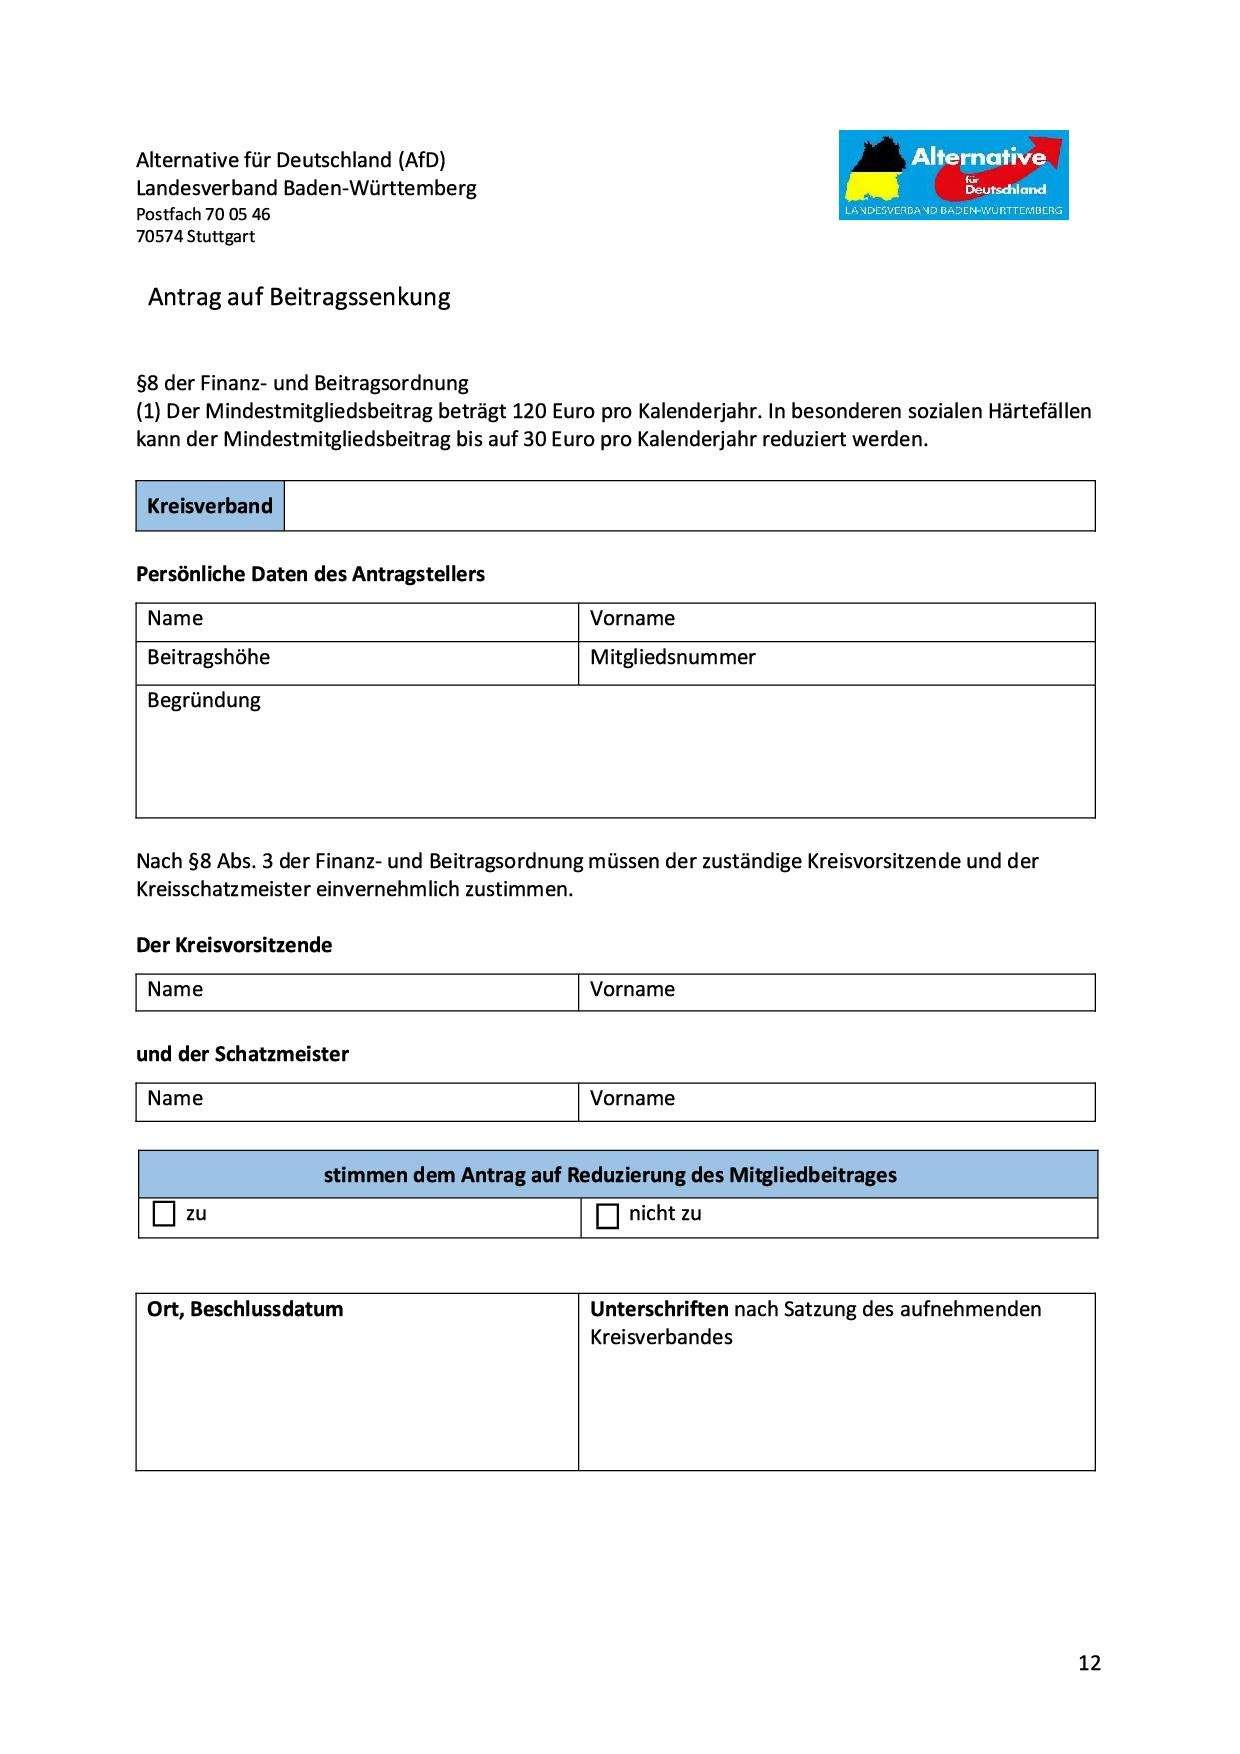 Antrag auf Beitragssenkung Version 1.81